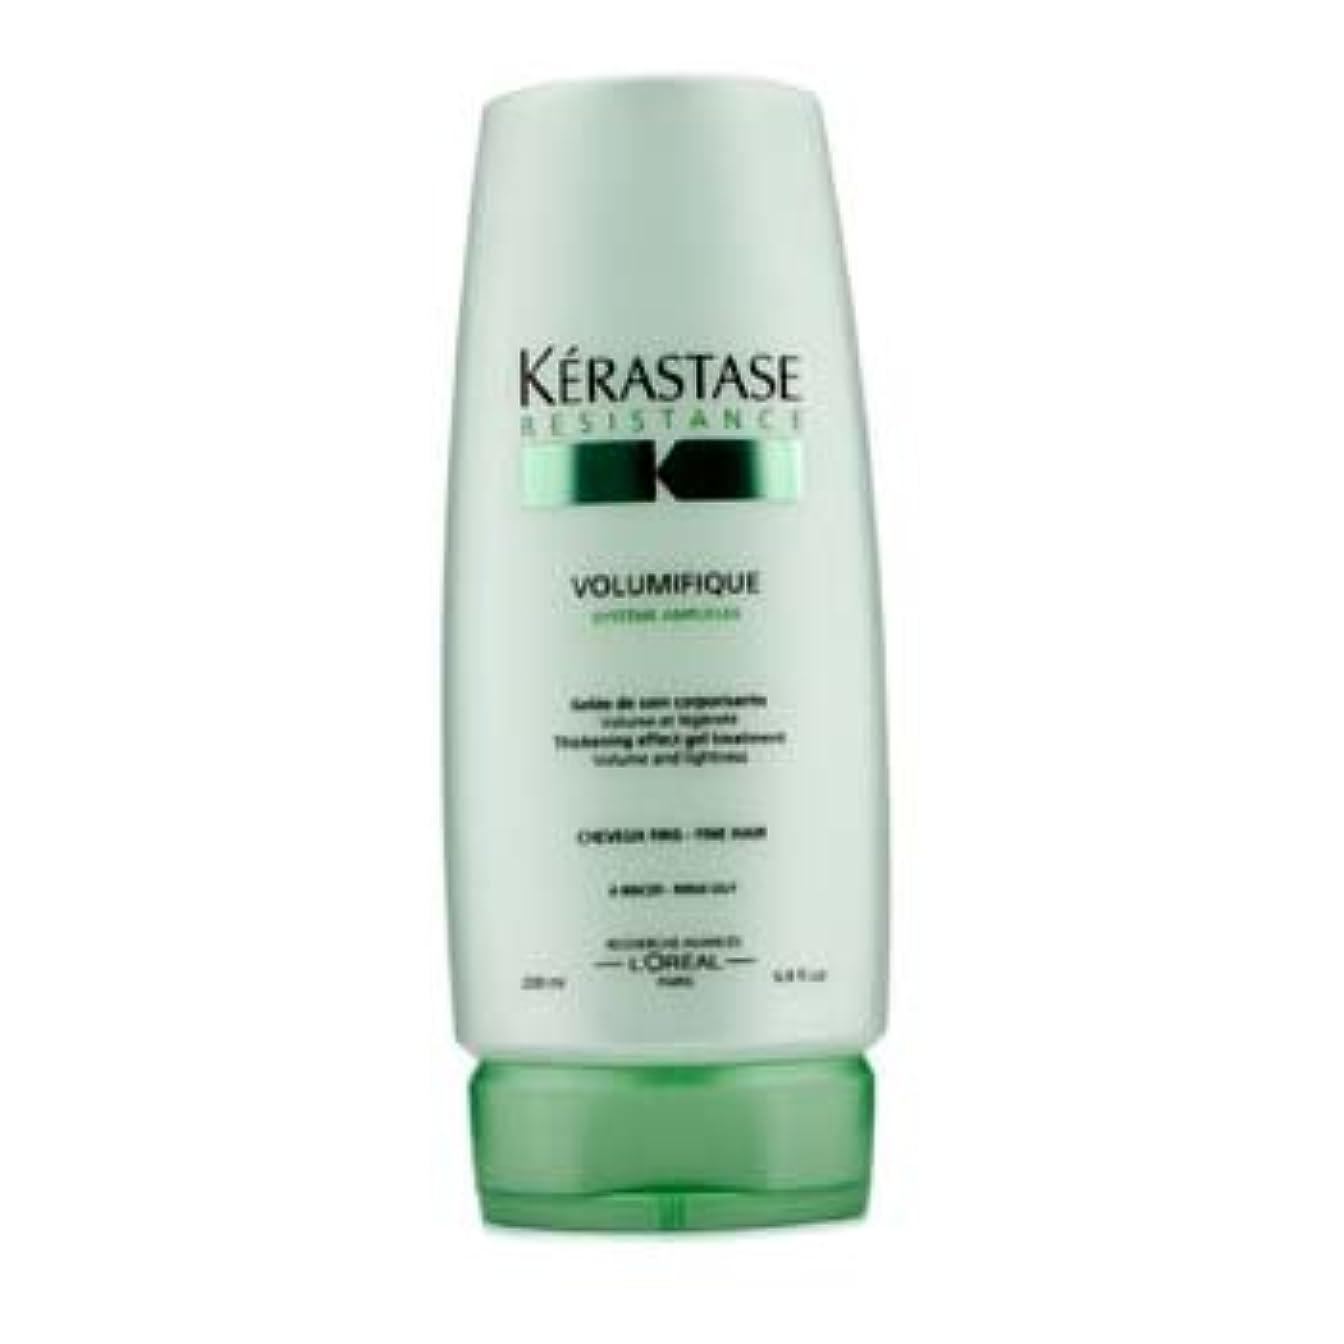 哺乳類宝クライストチャーチケラスターゼ Resistance Volumifique Thickening Effect Gel Treatment (For Fine Hair) 200ml/6.8oz並行輸入品